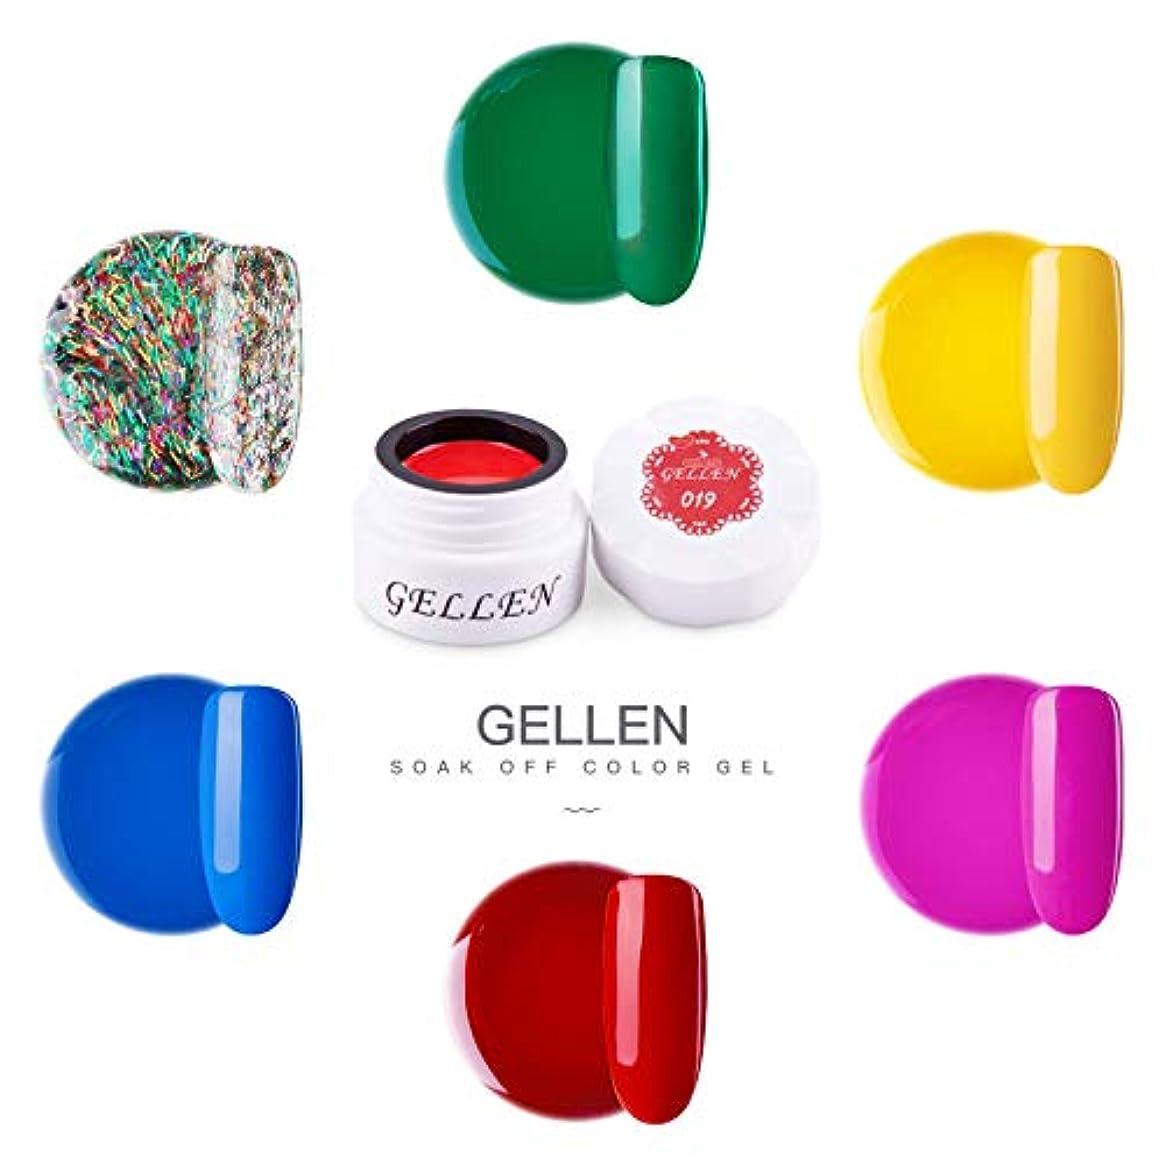 道徳道を作る感謝するGellen カラージェル 6色 セット[ネオン カラー系]高品質 5g ジェルネイル カラー ネイルブラシ付き